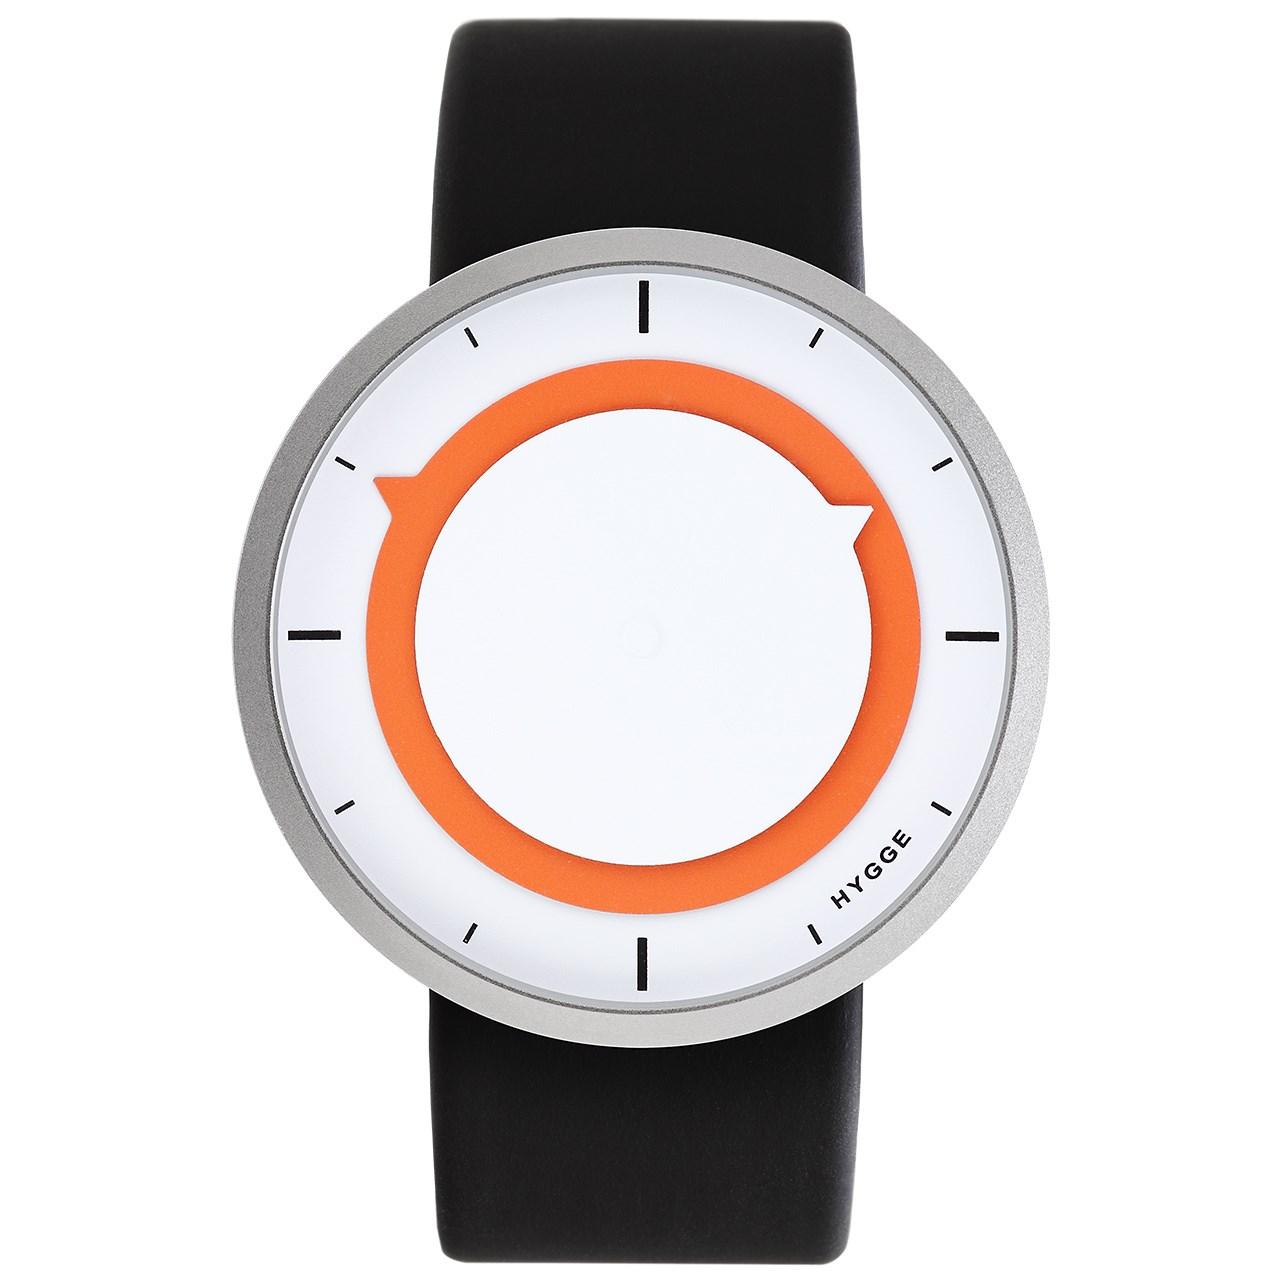 ساعت مچی عقربه ای هیگه مدل MSP3012C-OR